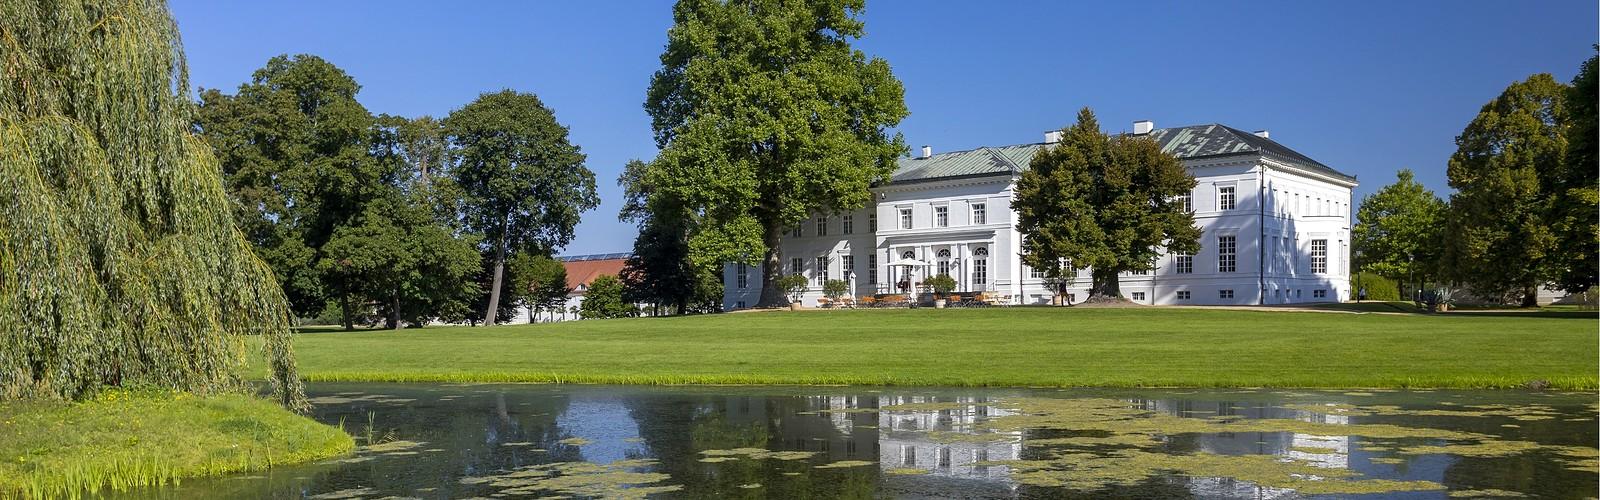 Schloss & Park Neuhardenberg, Foto: TMB-Fotoarchiv/Andreas Franke